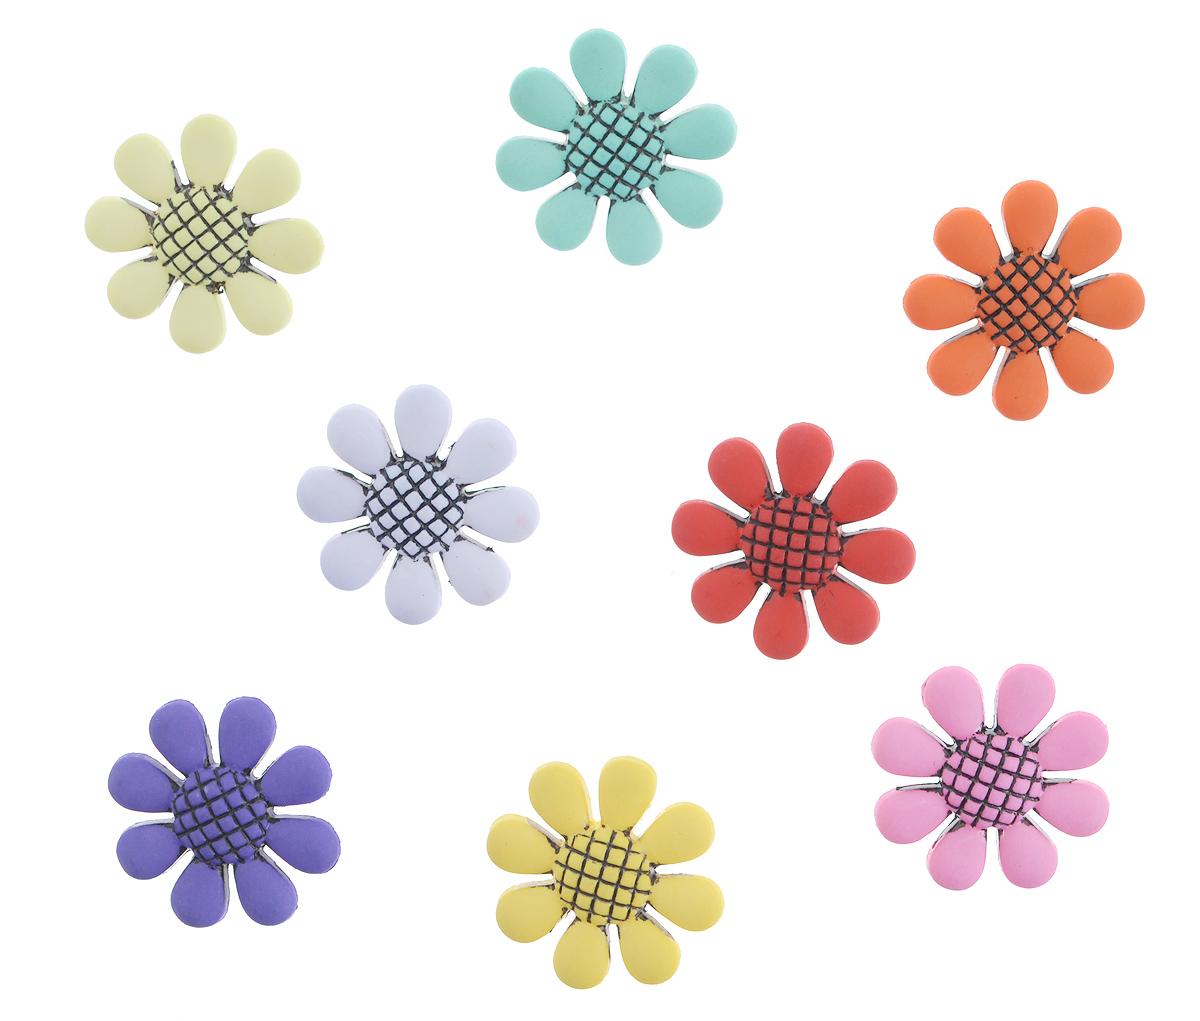 Пуговицы декоративные Buttons Galore & More Flower Power, 8 шт7705903Набор Buttons Galore & More Flower Power состоит из 8 декоративных пуговиц. Все элементы выполнены из пластика в виде цветов. Такие пуговицы подходят для любых видов творчества: скрапбукинга, декорирования, шитья, изготовления кукол, а также для оформления одежды. С их помощью вы сможете украсить открытку, фотографию, альбом, подарок и другие предметы ручной работы. Диаметр пуговиц: 2,5 см.